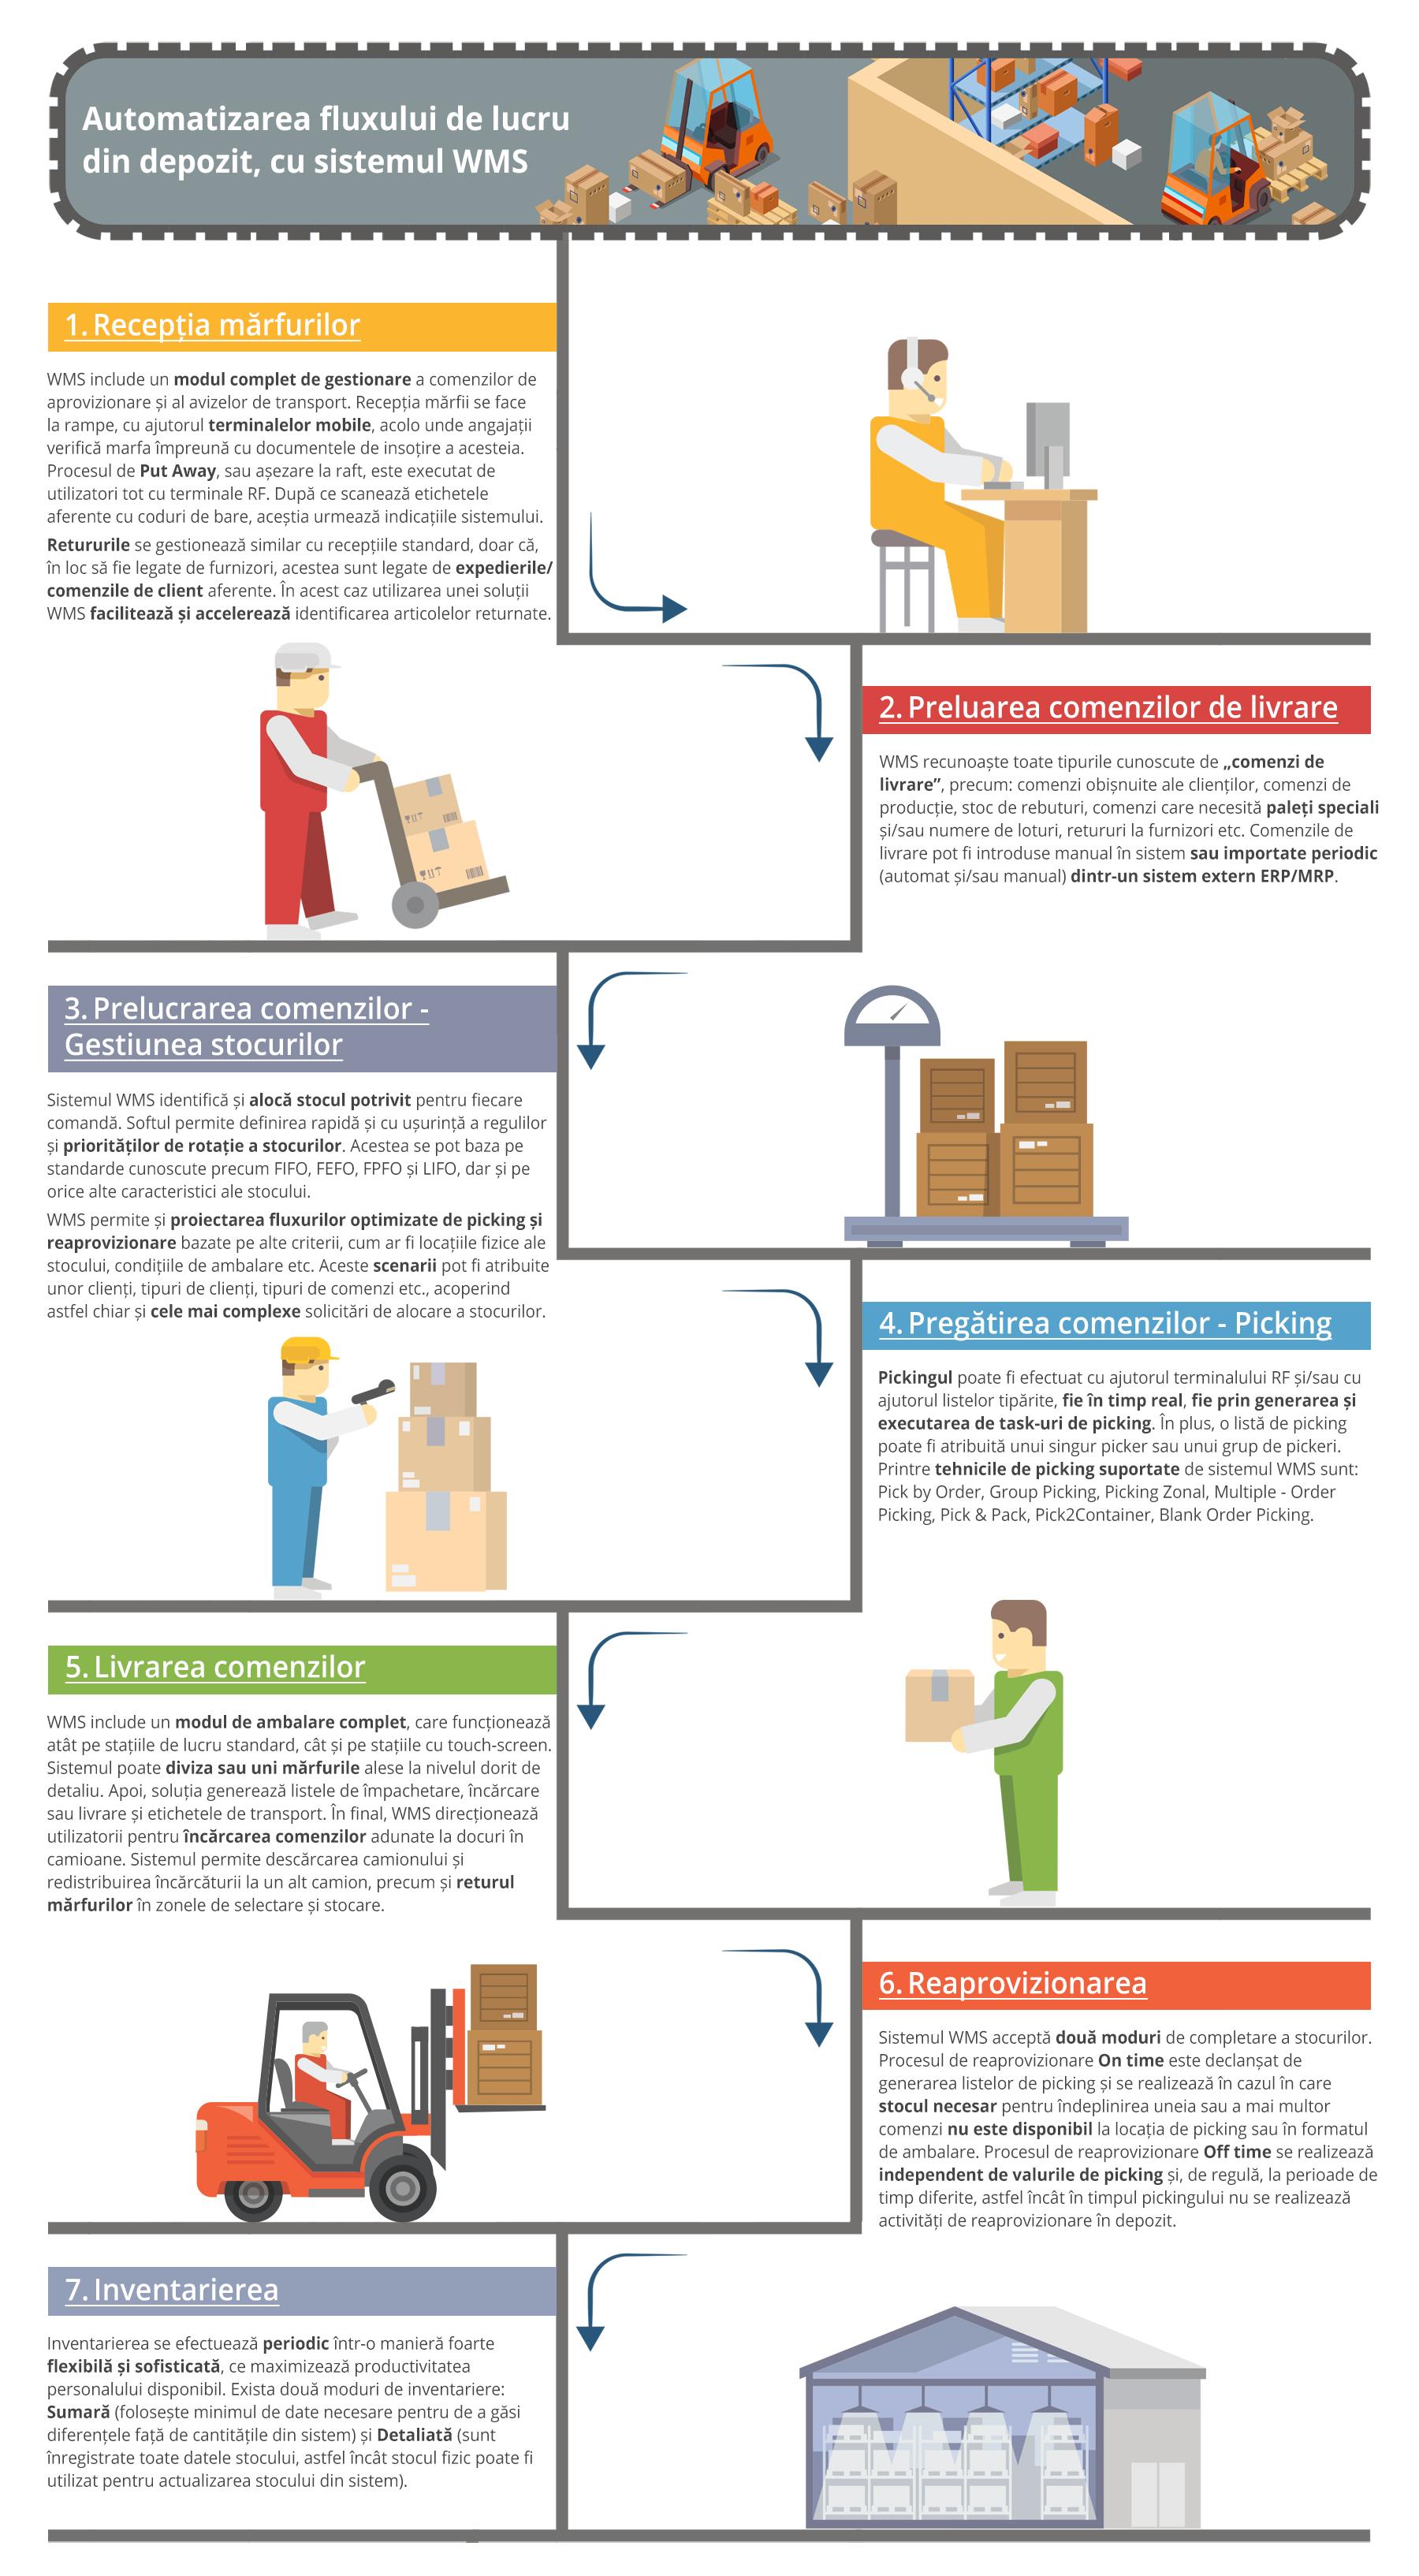 infografic wms Automatizarea fluxului de lucru din depozit